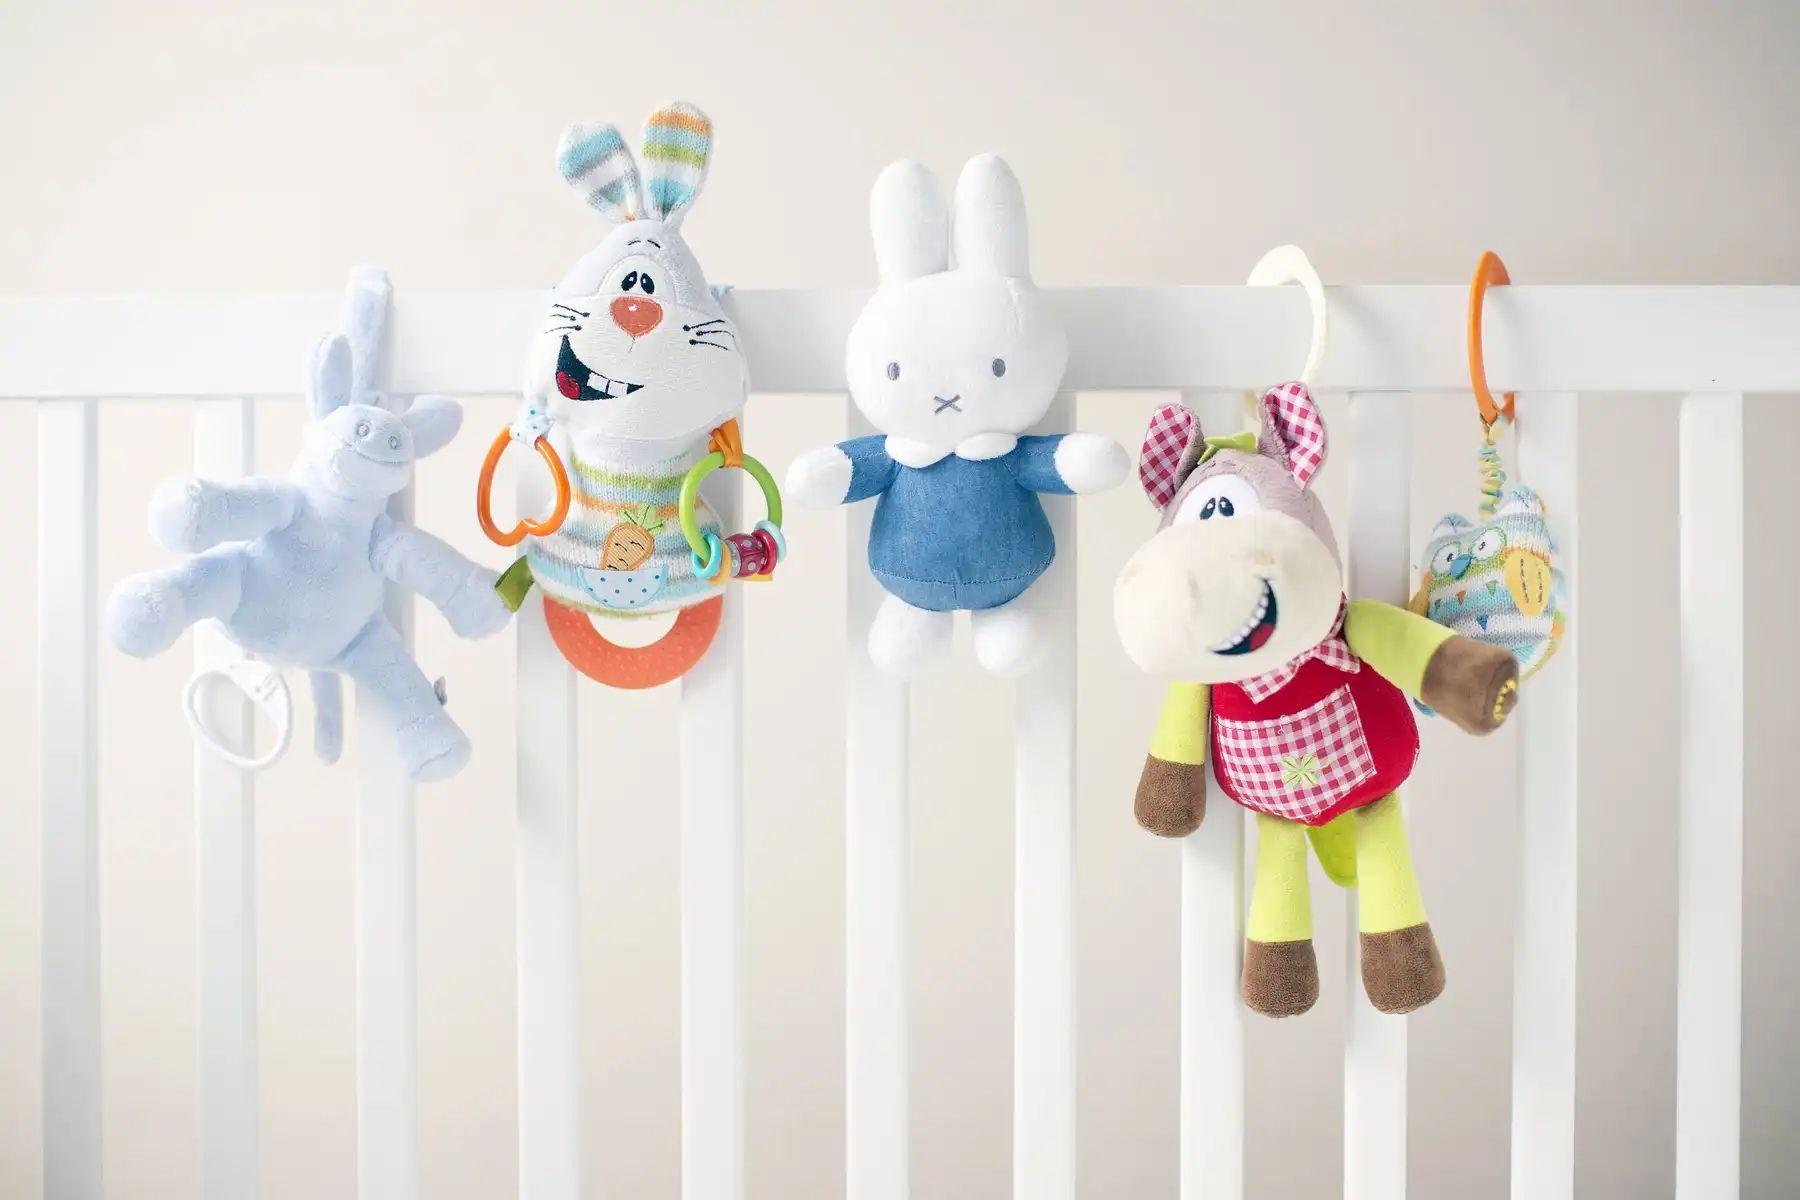 Bí quyết chọn lựa đồ chơi an toàn cho trẻ theo từng lứa tuổi